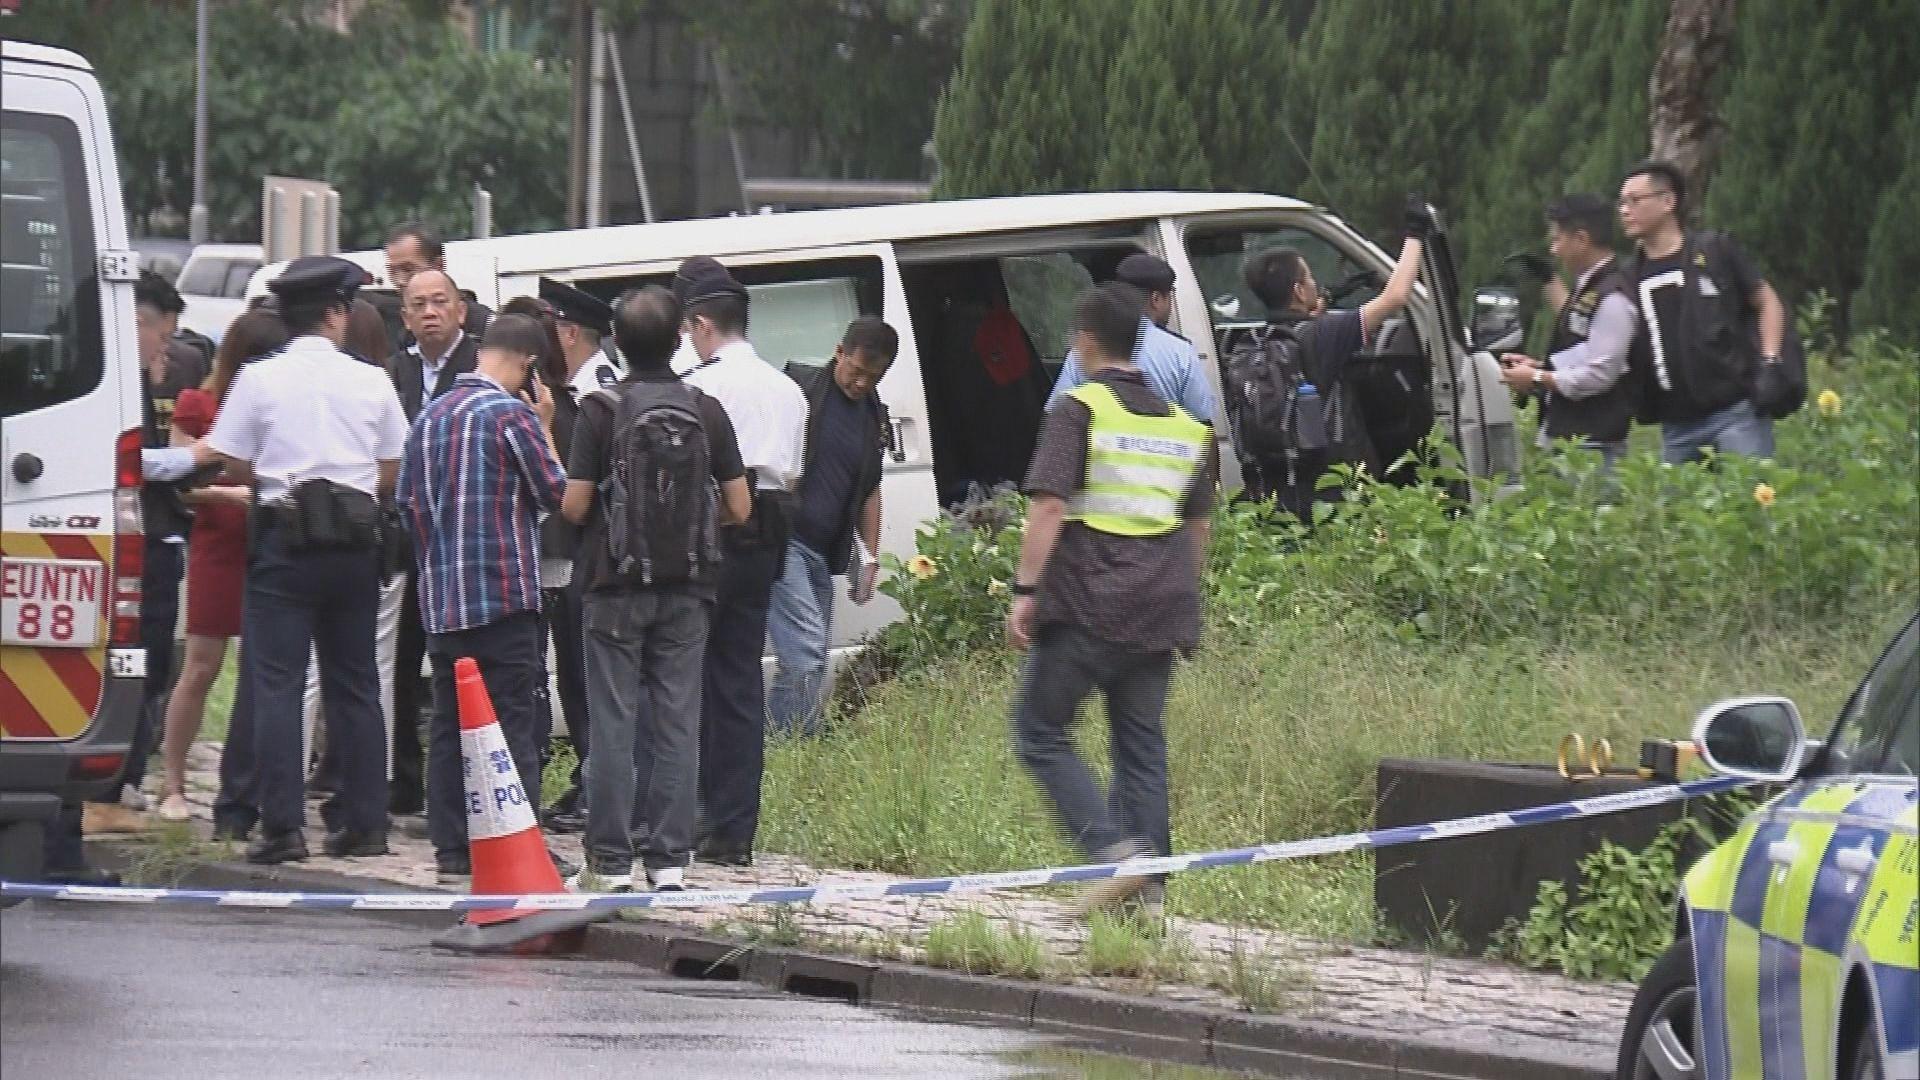 大埔林錦公路發生警員開槍事件